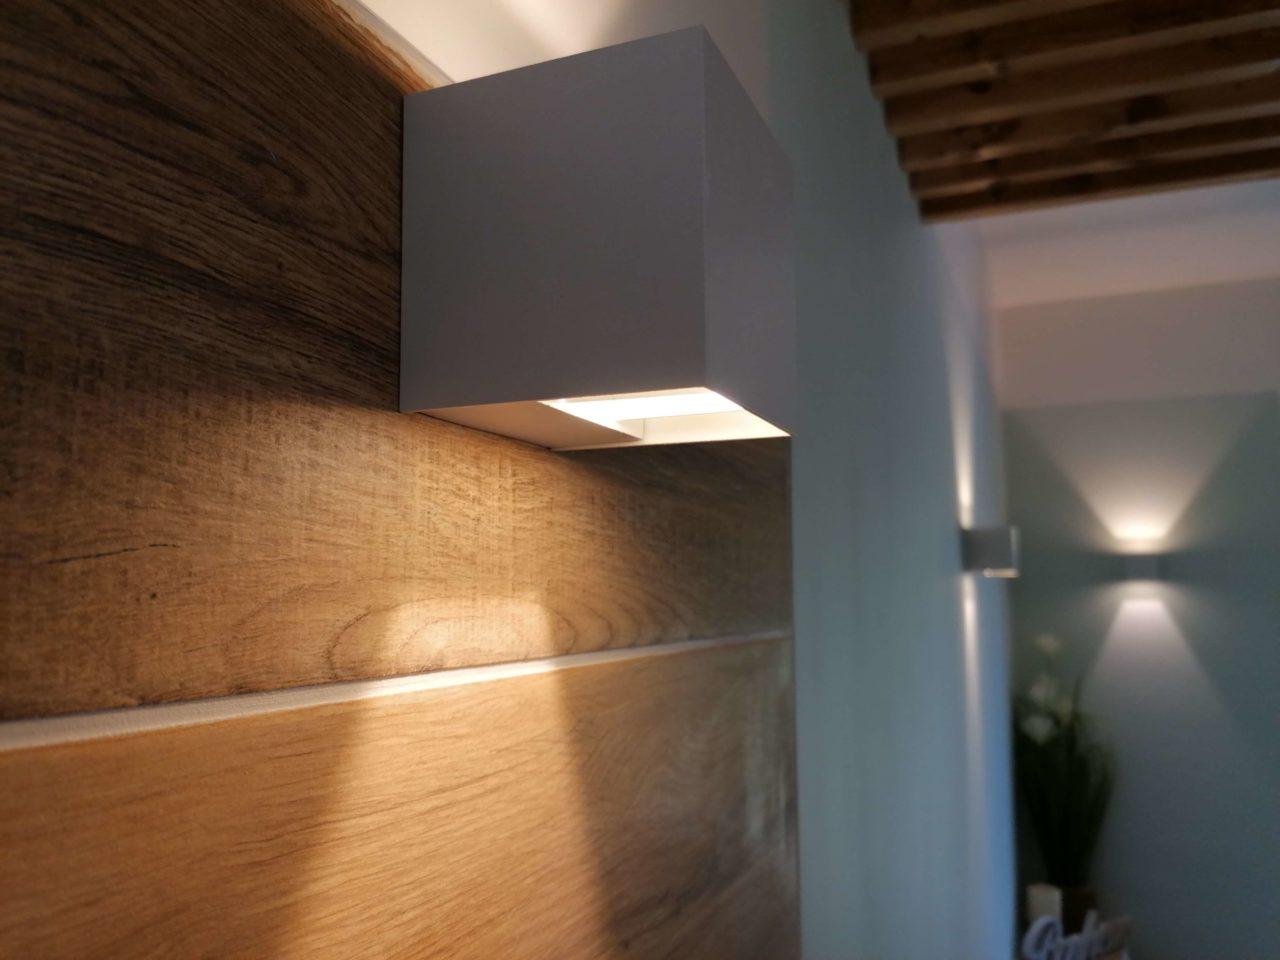 applique faïence imitation bois lumière salle de bains